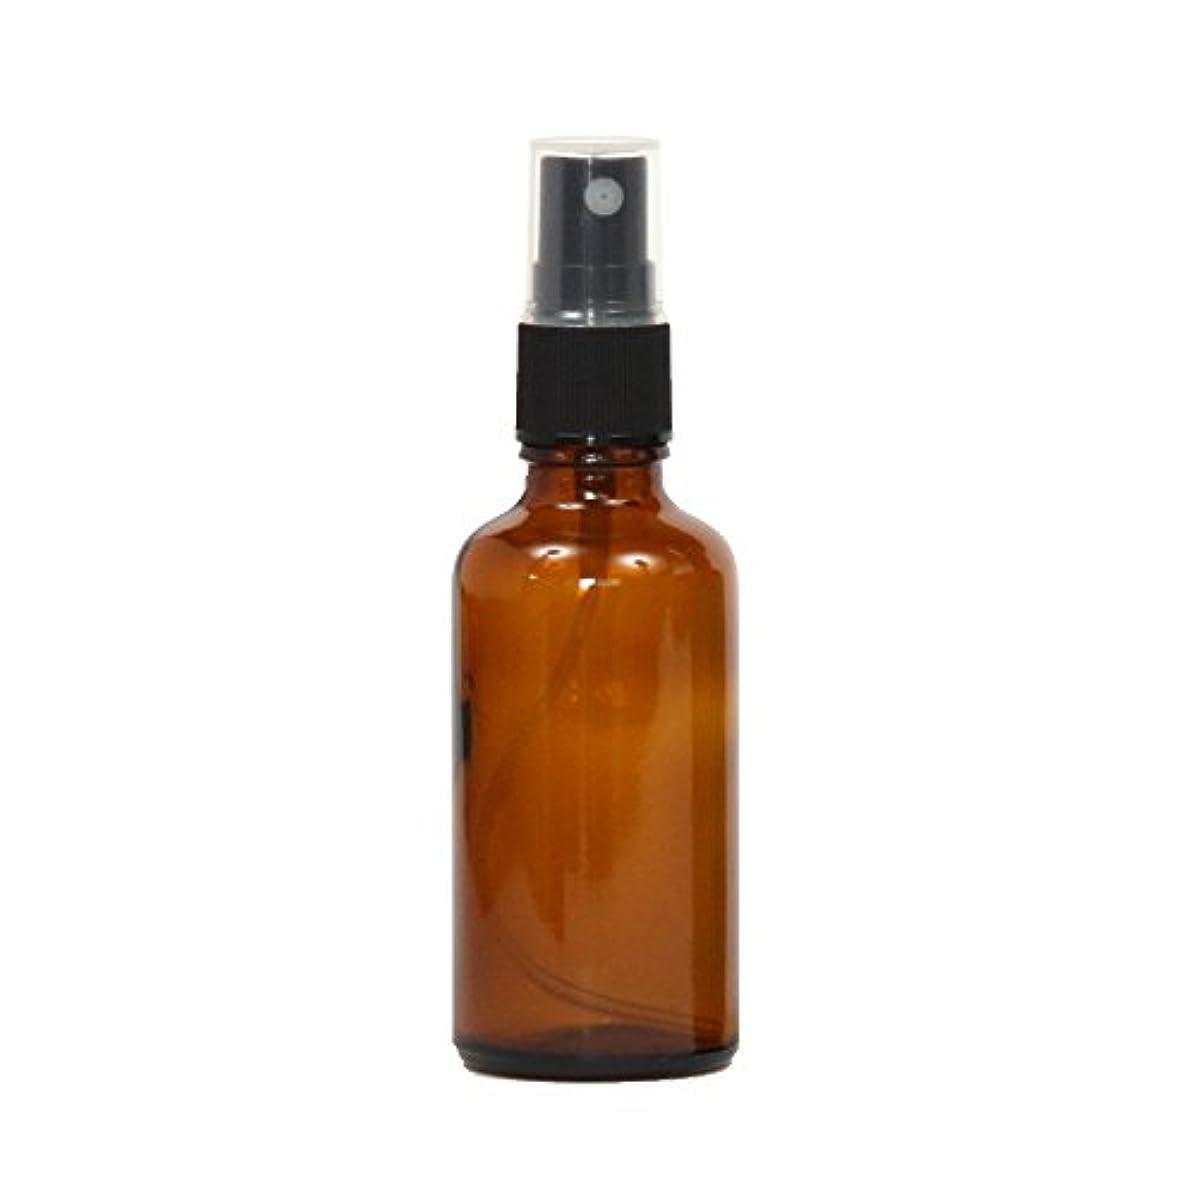 憂鬱なアレンジ日スプレーボトル ガラス瓶 50mL 遮光性ブラウン(アンバー) おしゃれアトマイザー ミスト空容器br50g